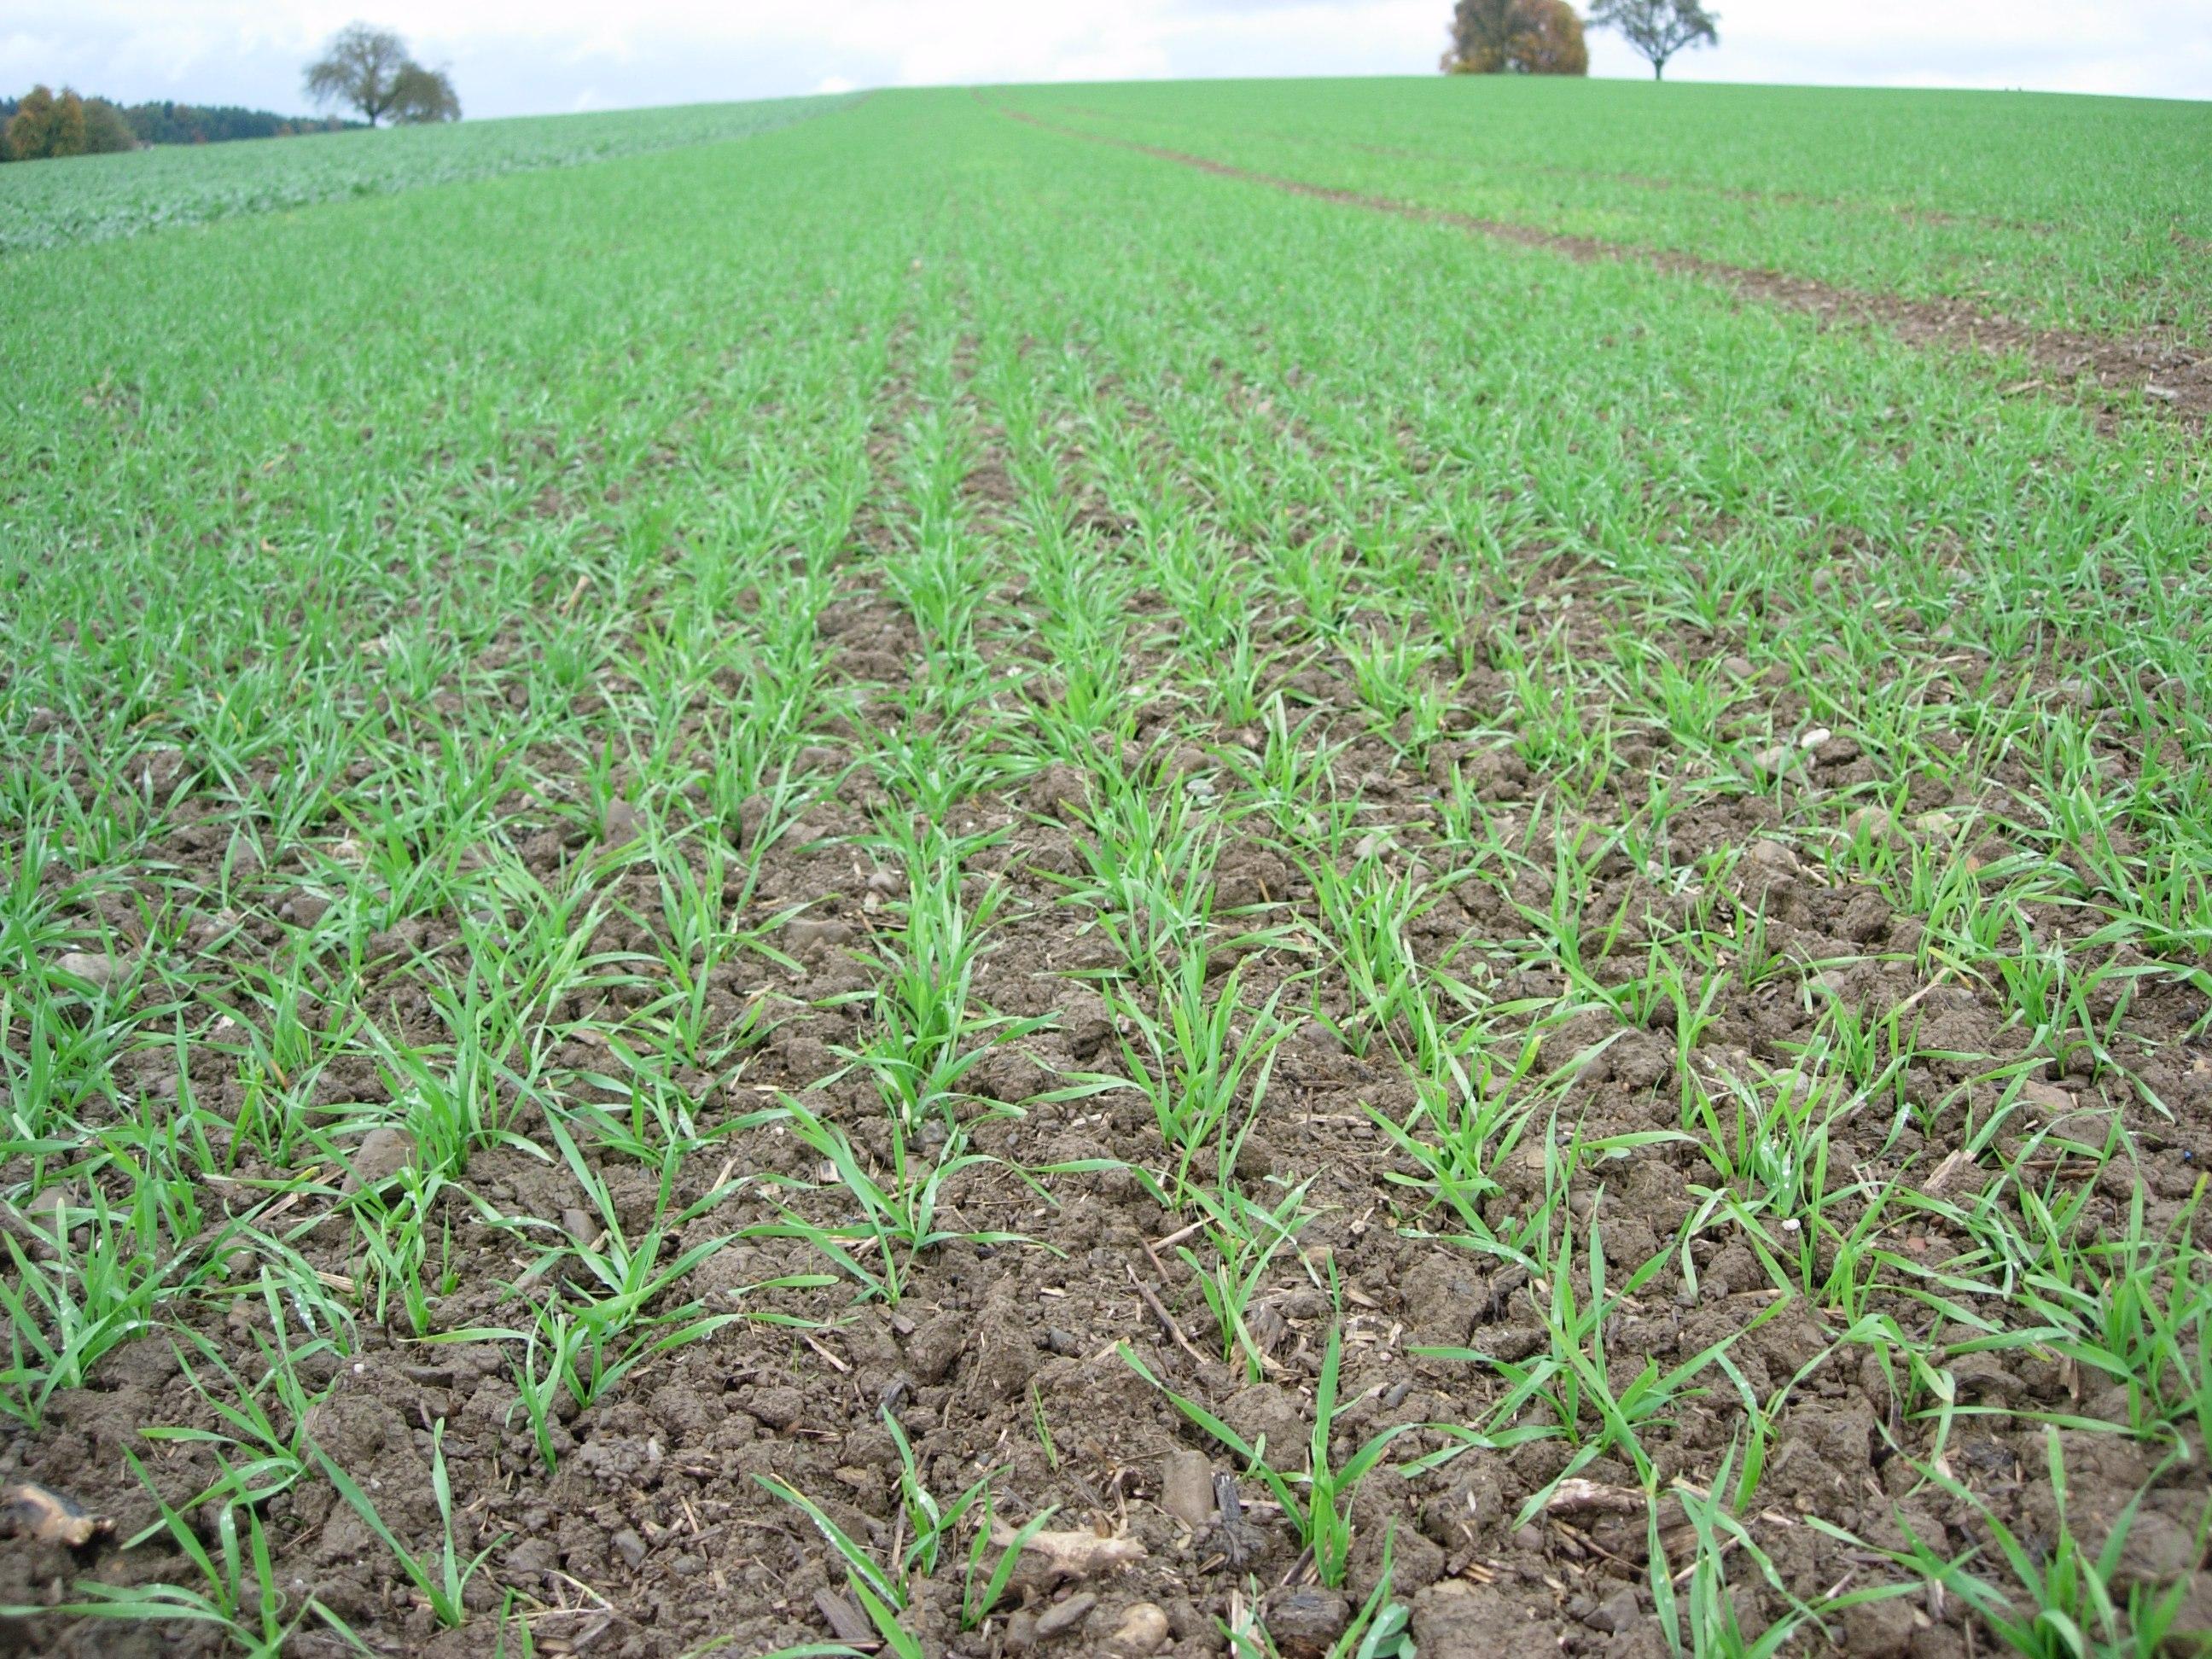 Bestockendes Getreide im Herbst vor Unkraut schützen